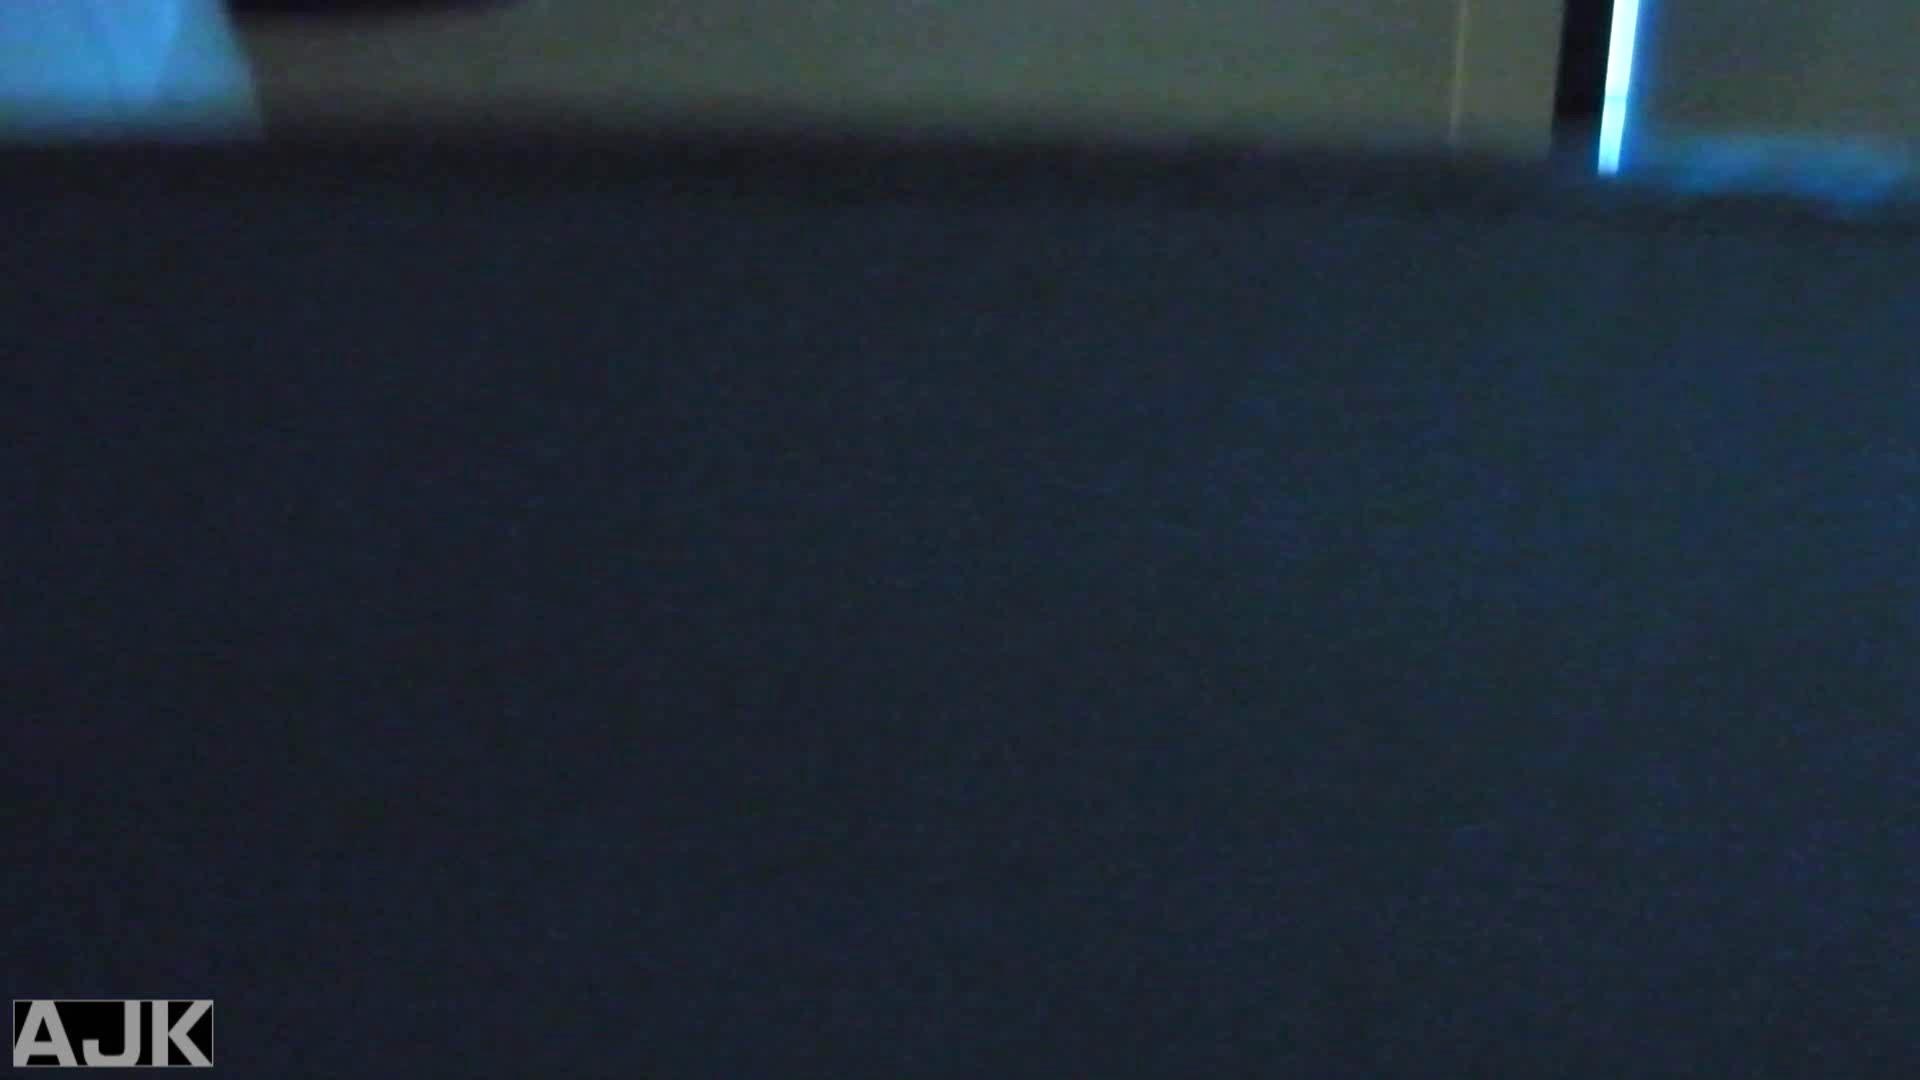 隣国上階級エリアの令嬢たちが集うデパートお手洗い Vol.23 便器 すけべAV動画紹介 97画像 9